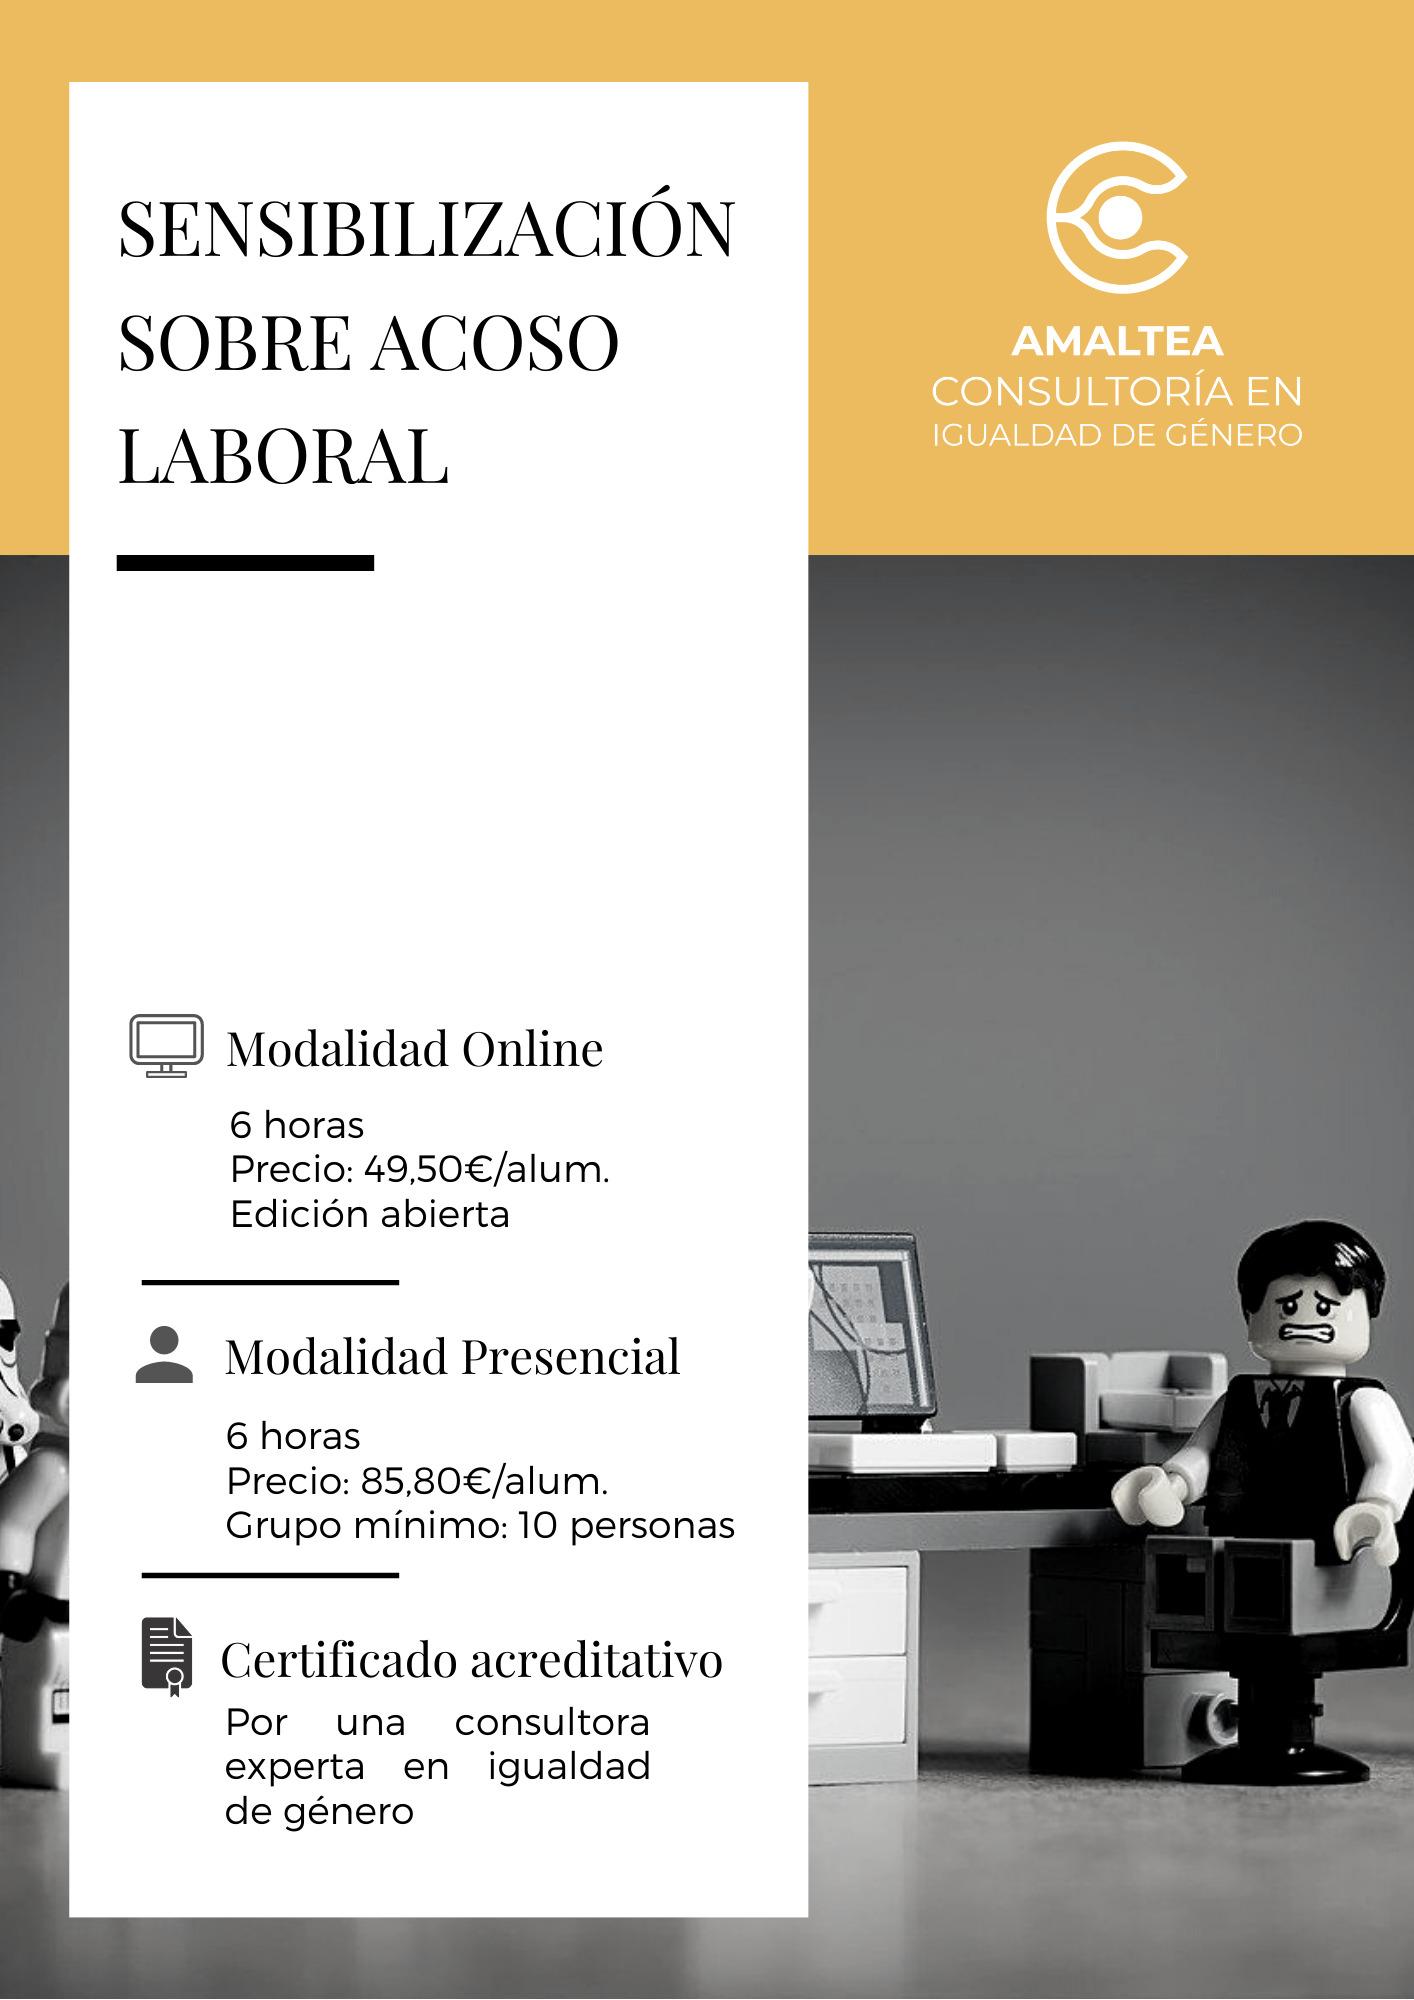 Portada de la Ficha del Curso de Sensibilización en Acoso Laboral